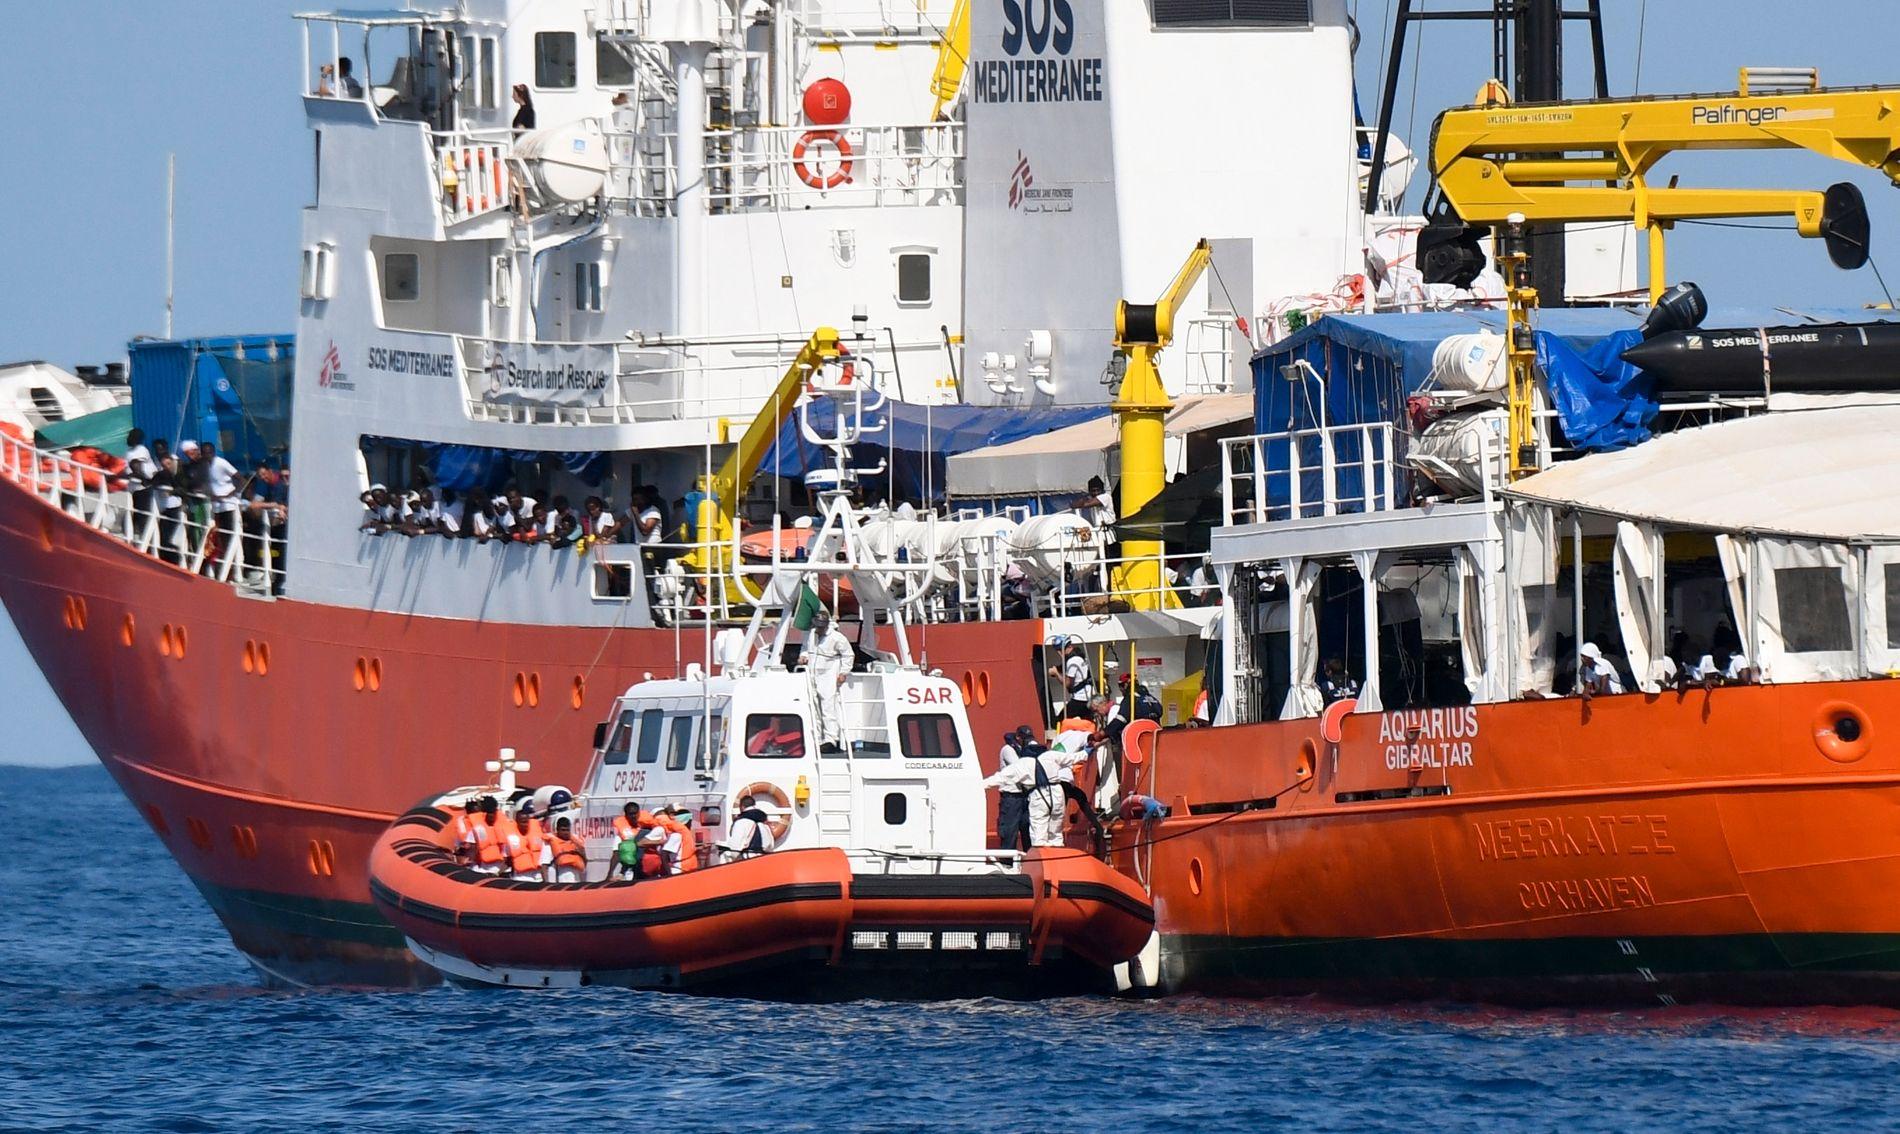 UTLØSTE ORDKRIG: Italias beslutning om å nekte redningsfartøyet Aquarius å sette i land 629 flyktninger og migranter, har utløst en hissig ordkrig med nabolandet Frankrike.